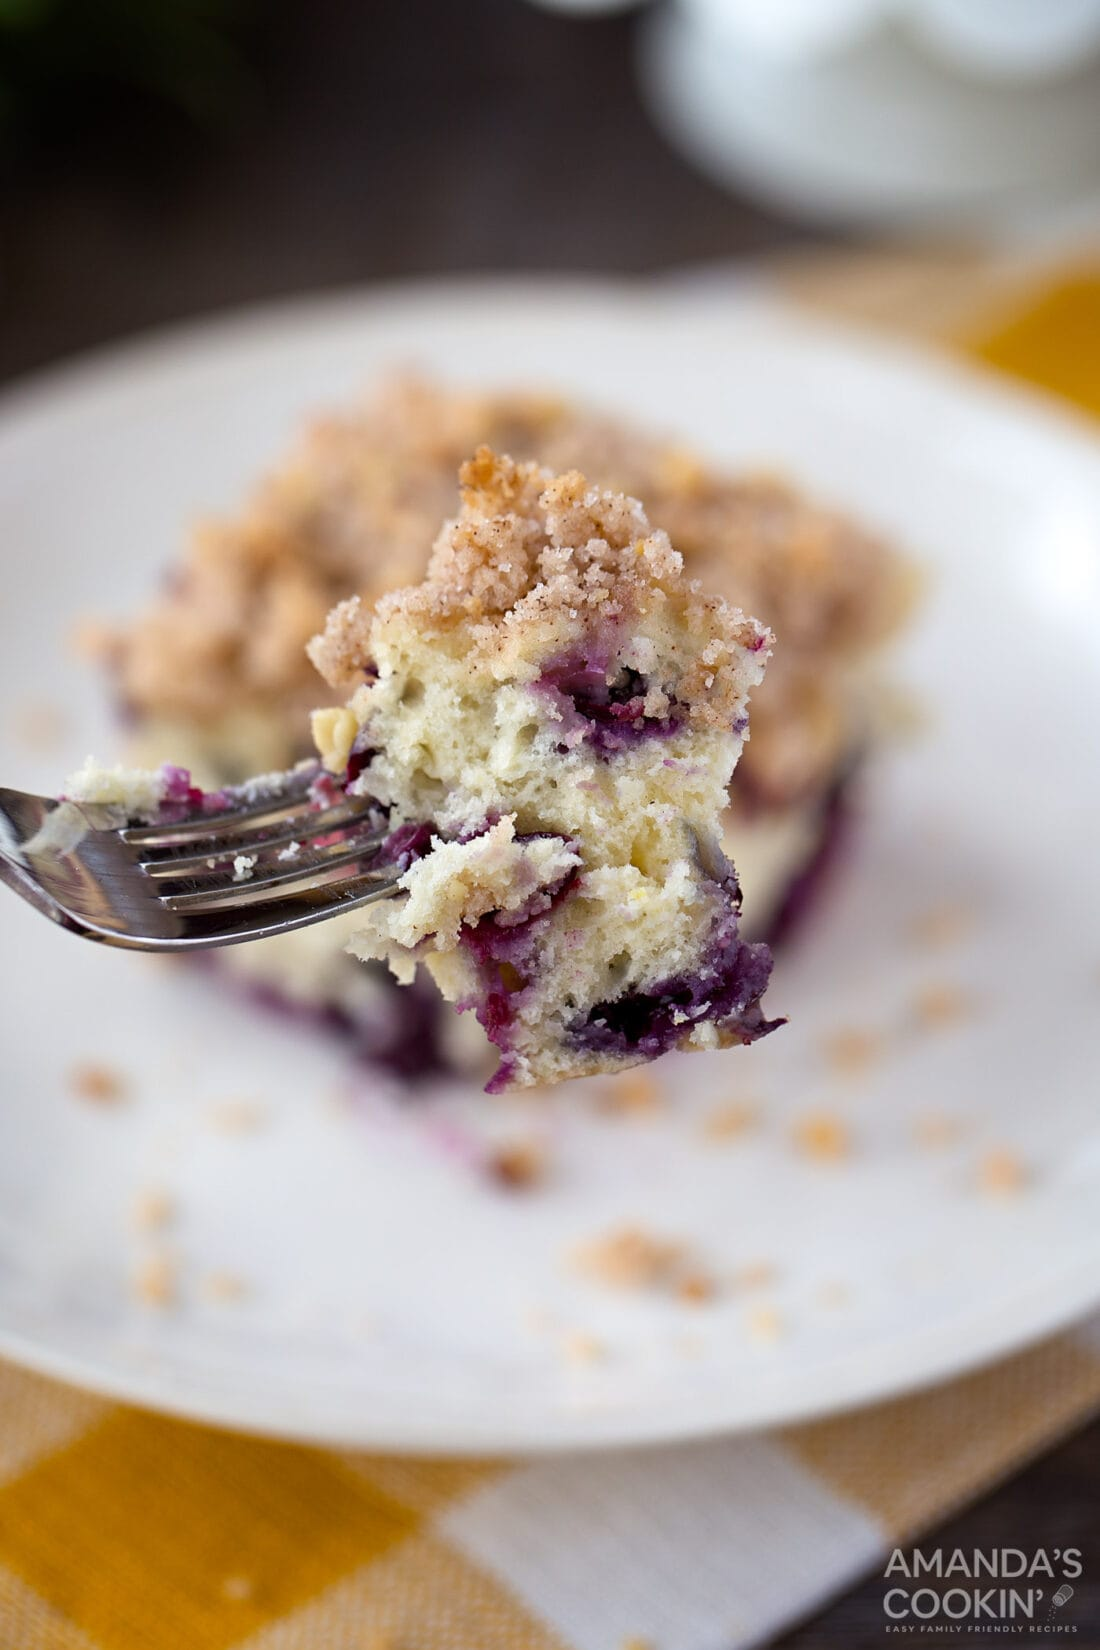 fork of blueberry breakfast cake